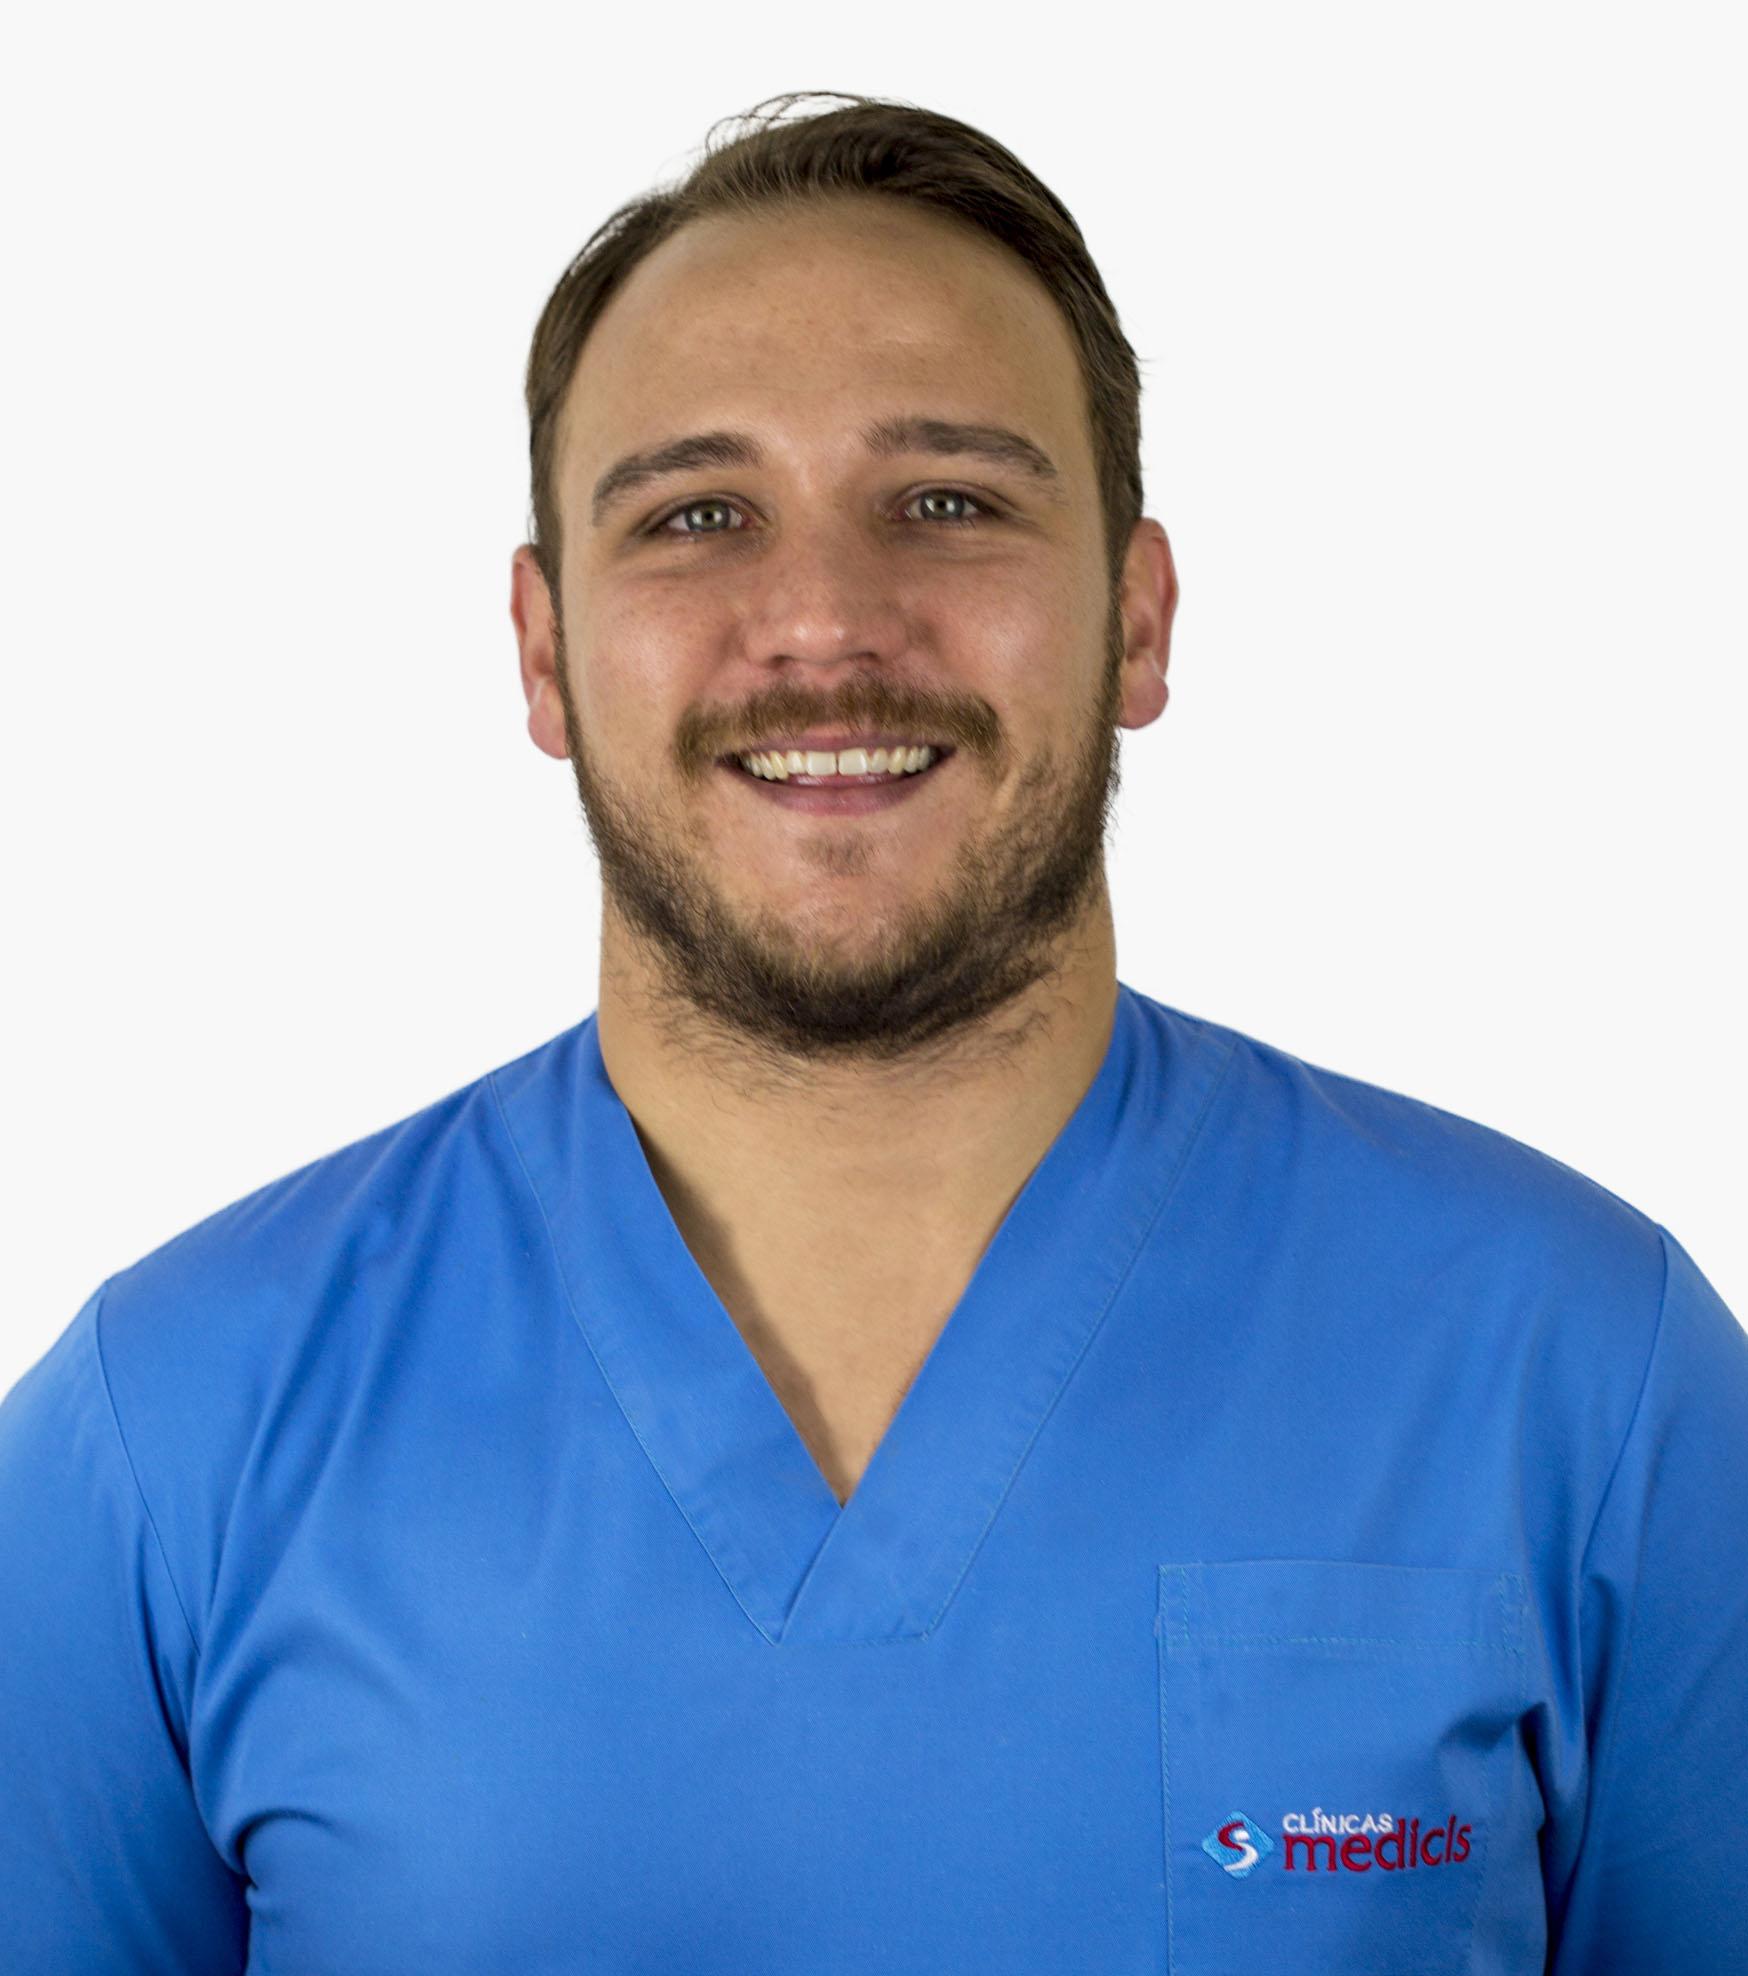 Dr. Jason Vieira